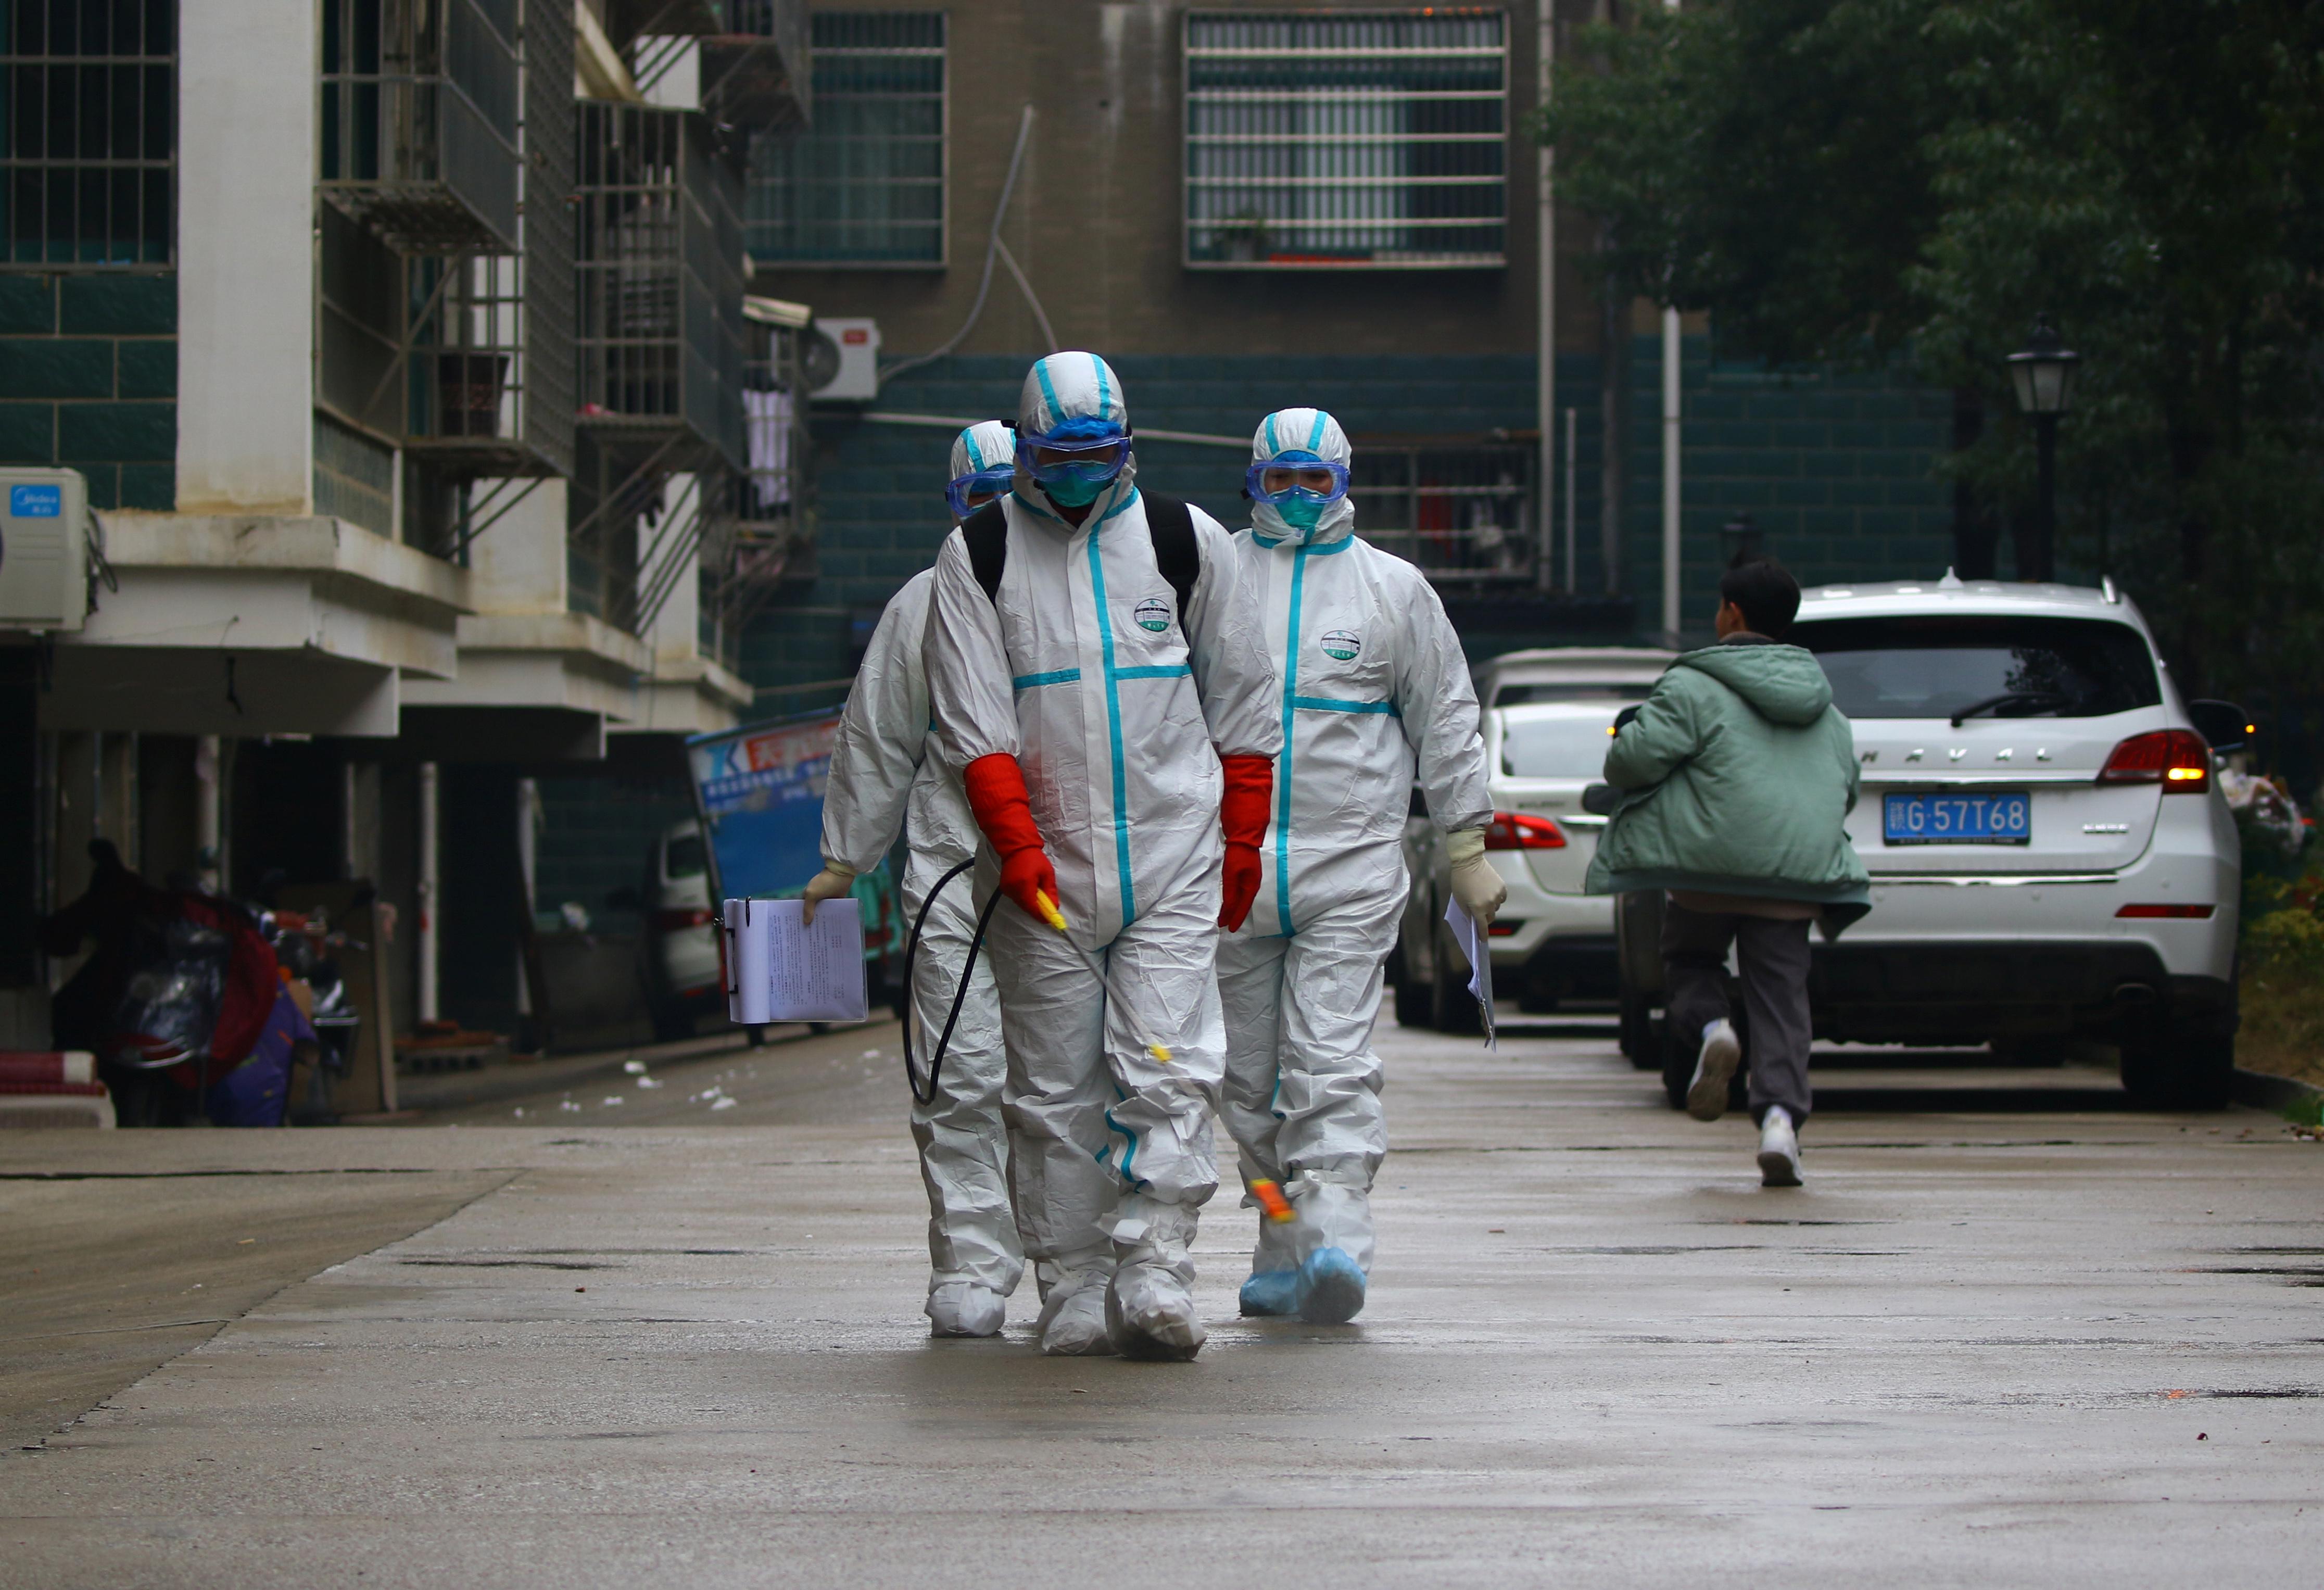 武汉肺炎疫情传出后,江西省瑞昌市的防疫人员,周六穿上防护服为当地住宅区消毒。-路透社-